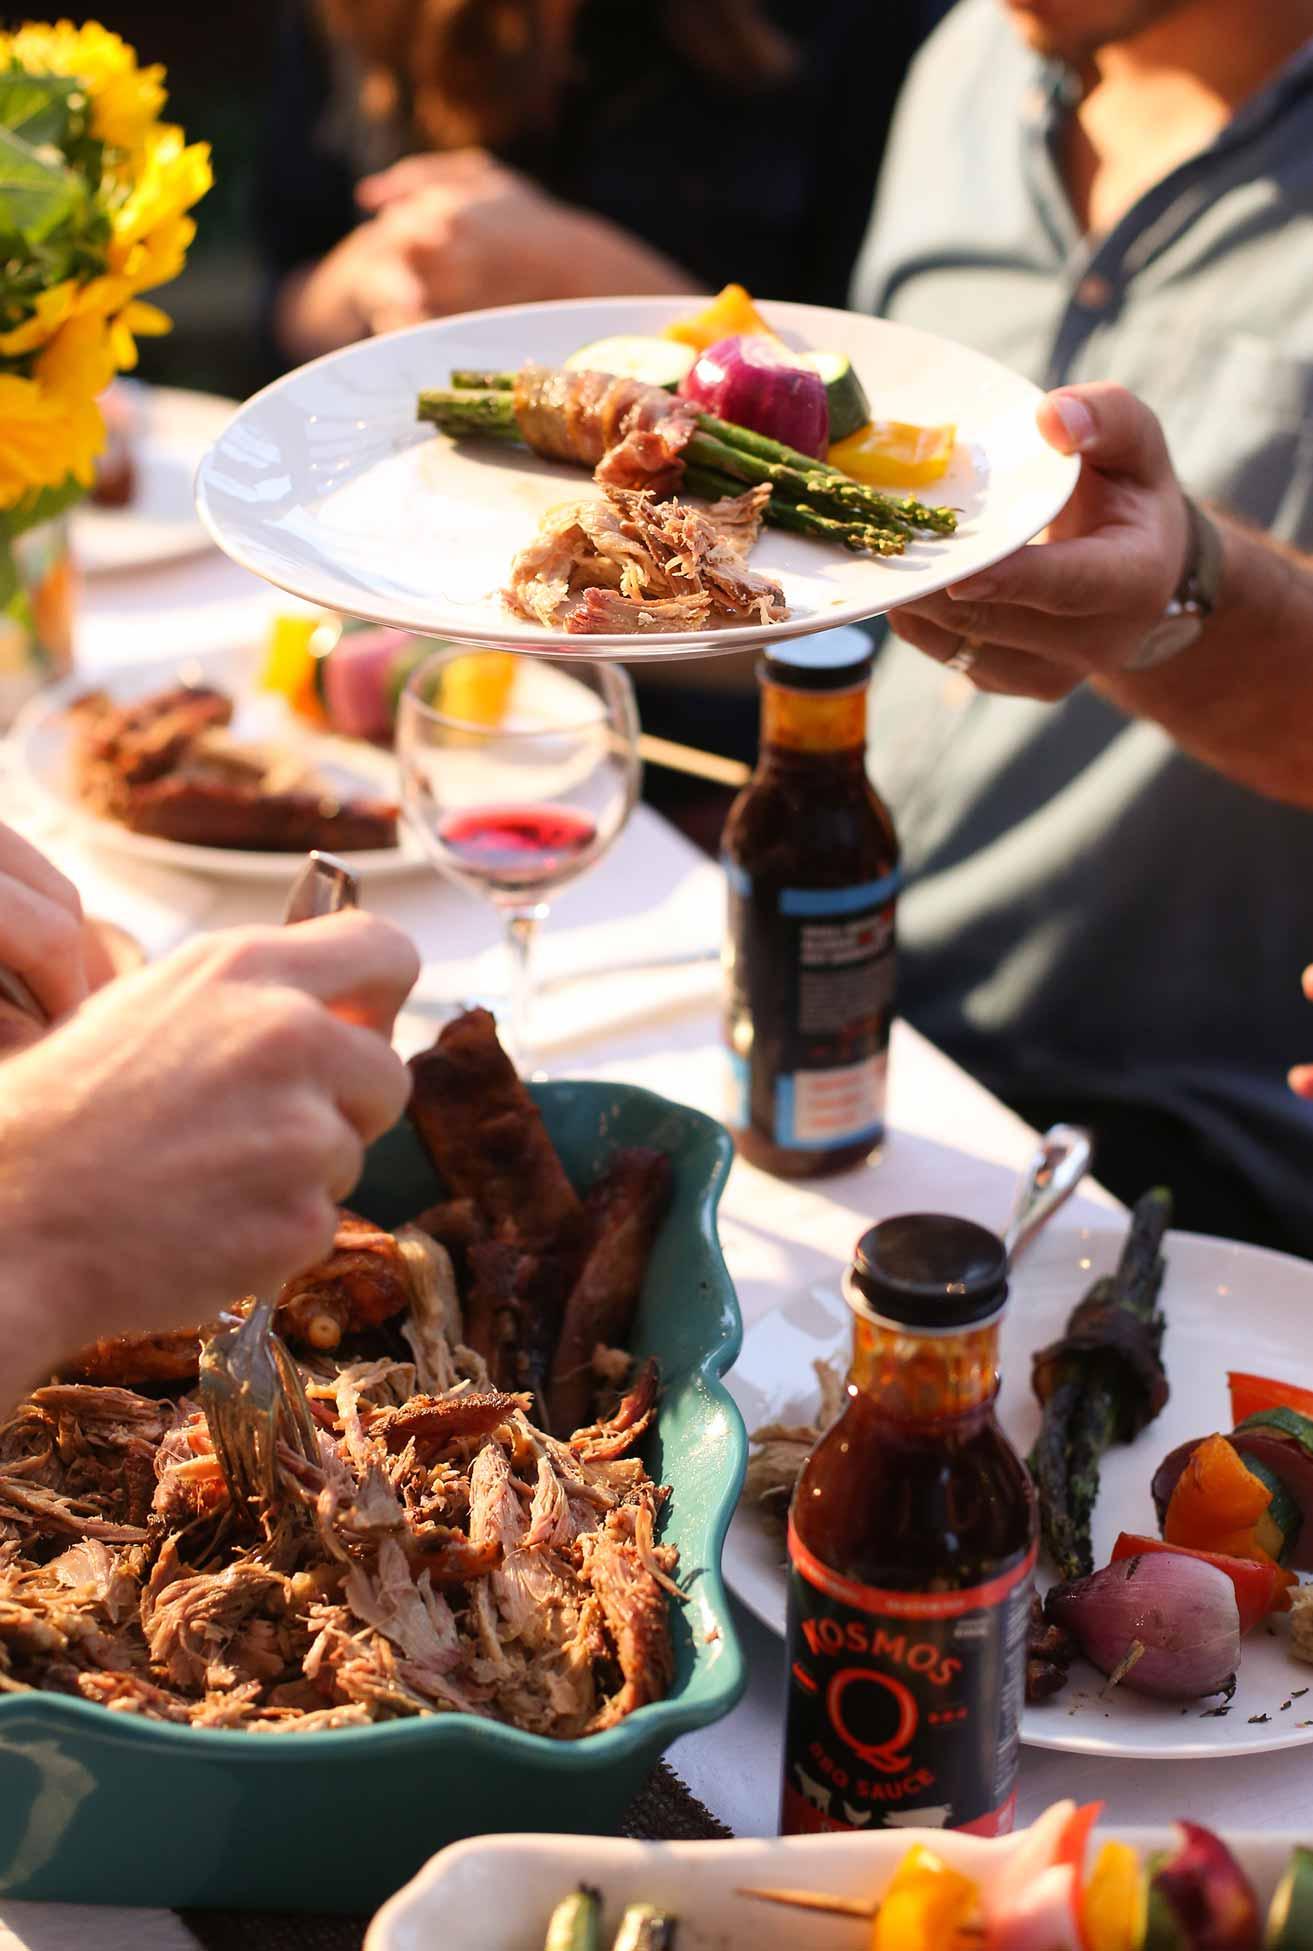 kosmosq-vert_eating-table.jpg